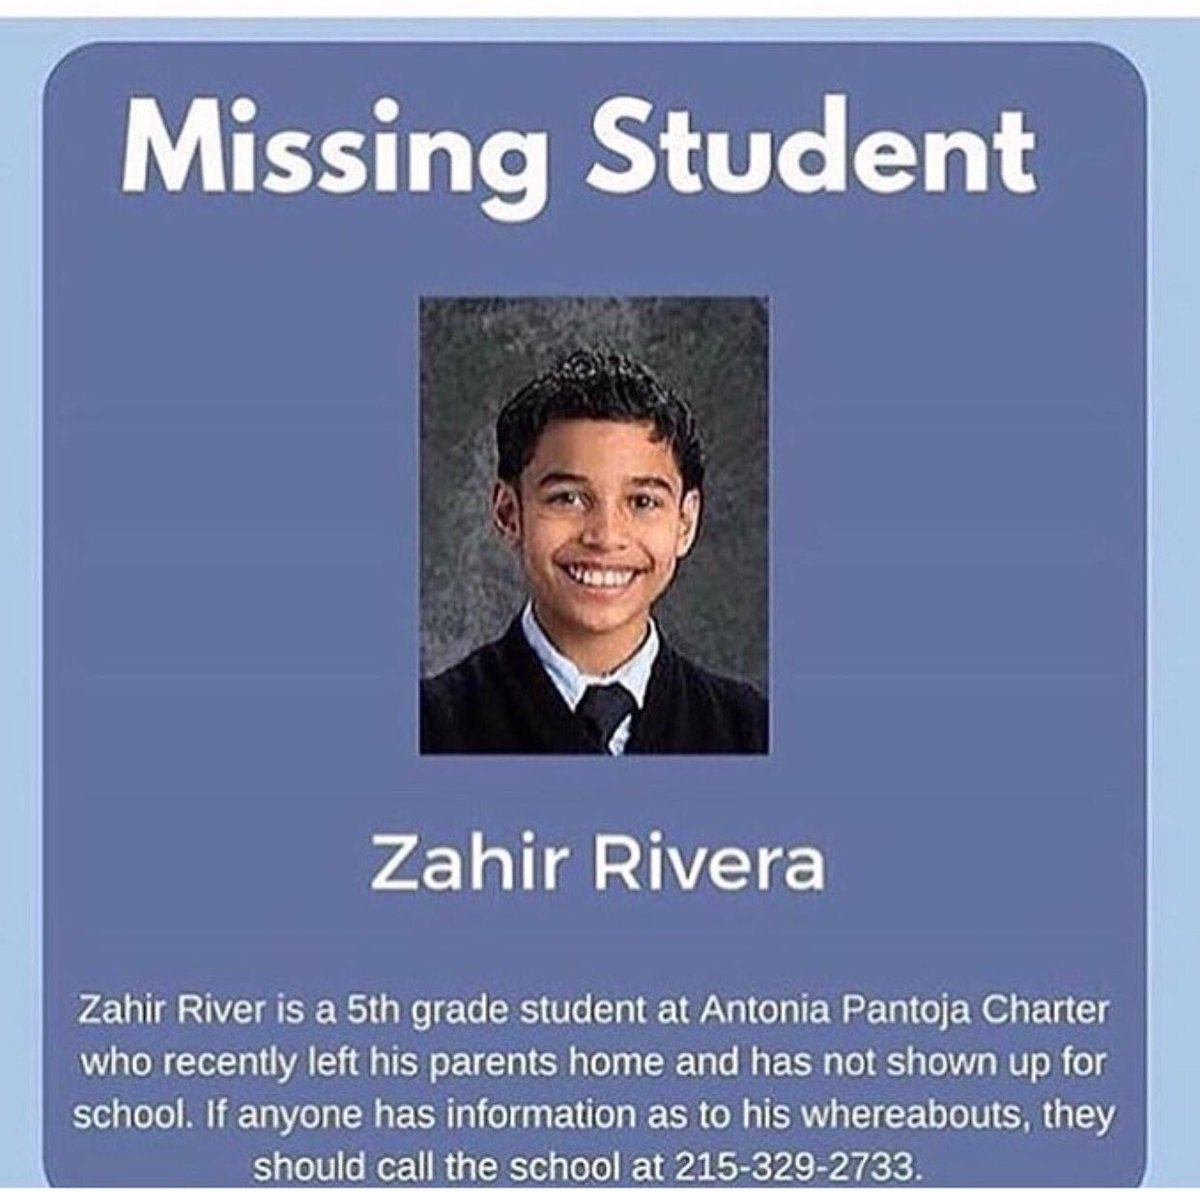 Help find my little cousin Zahir